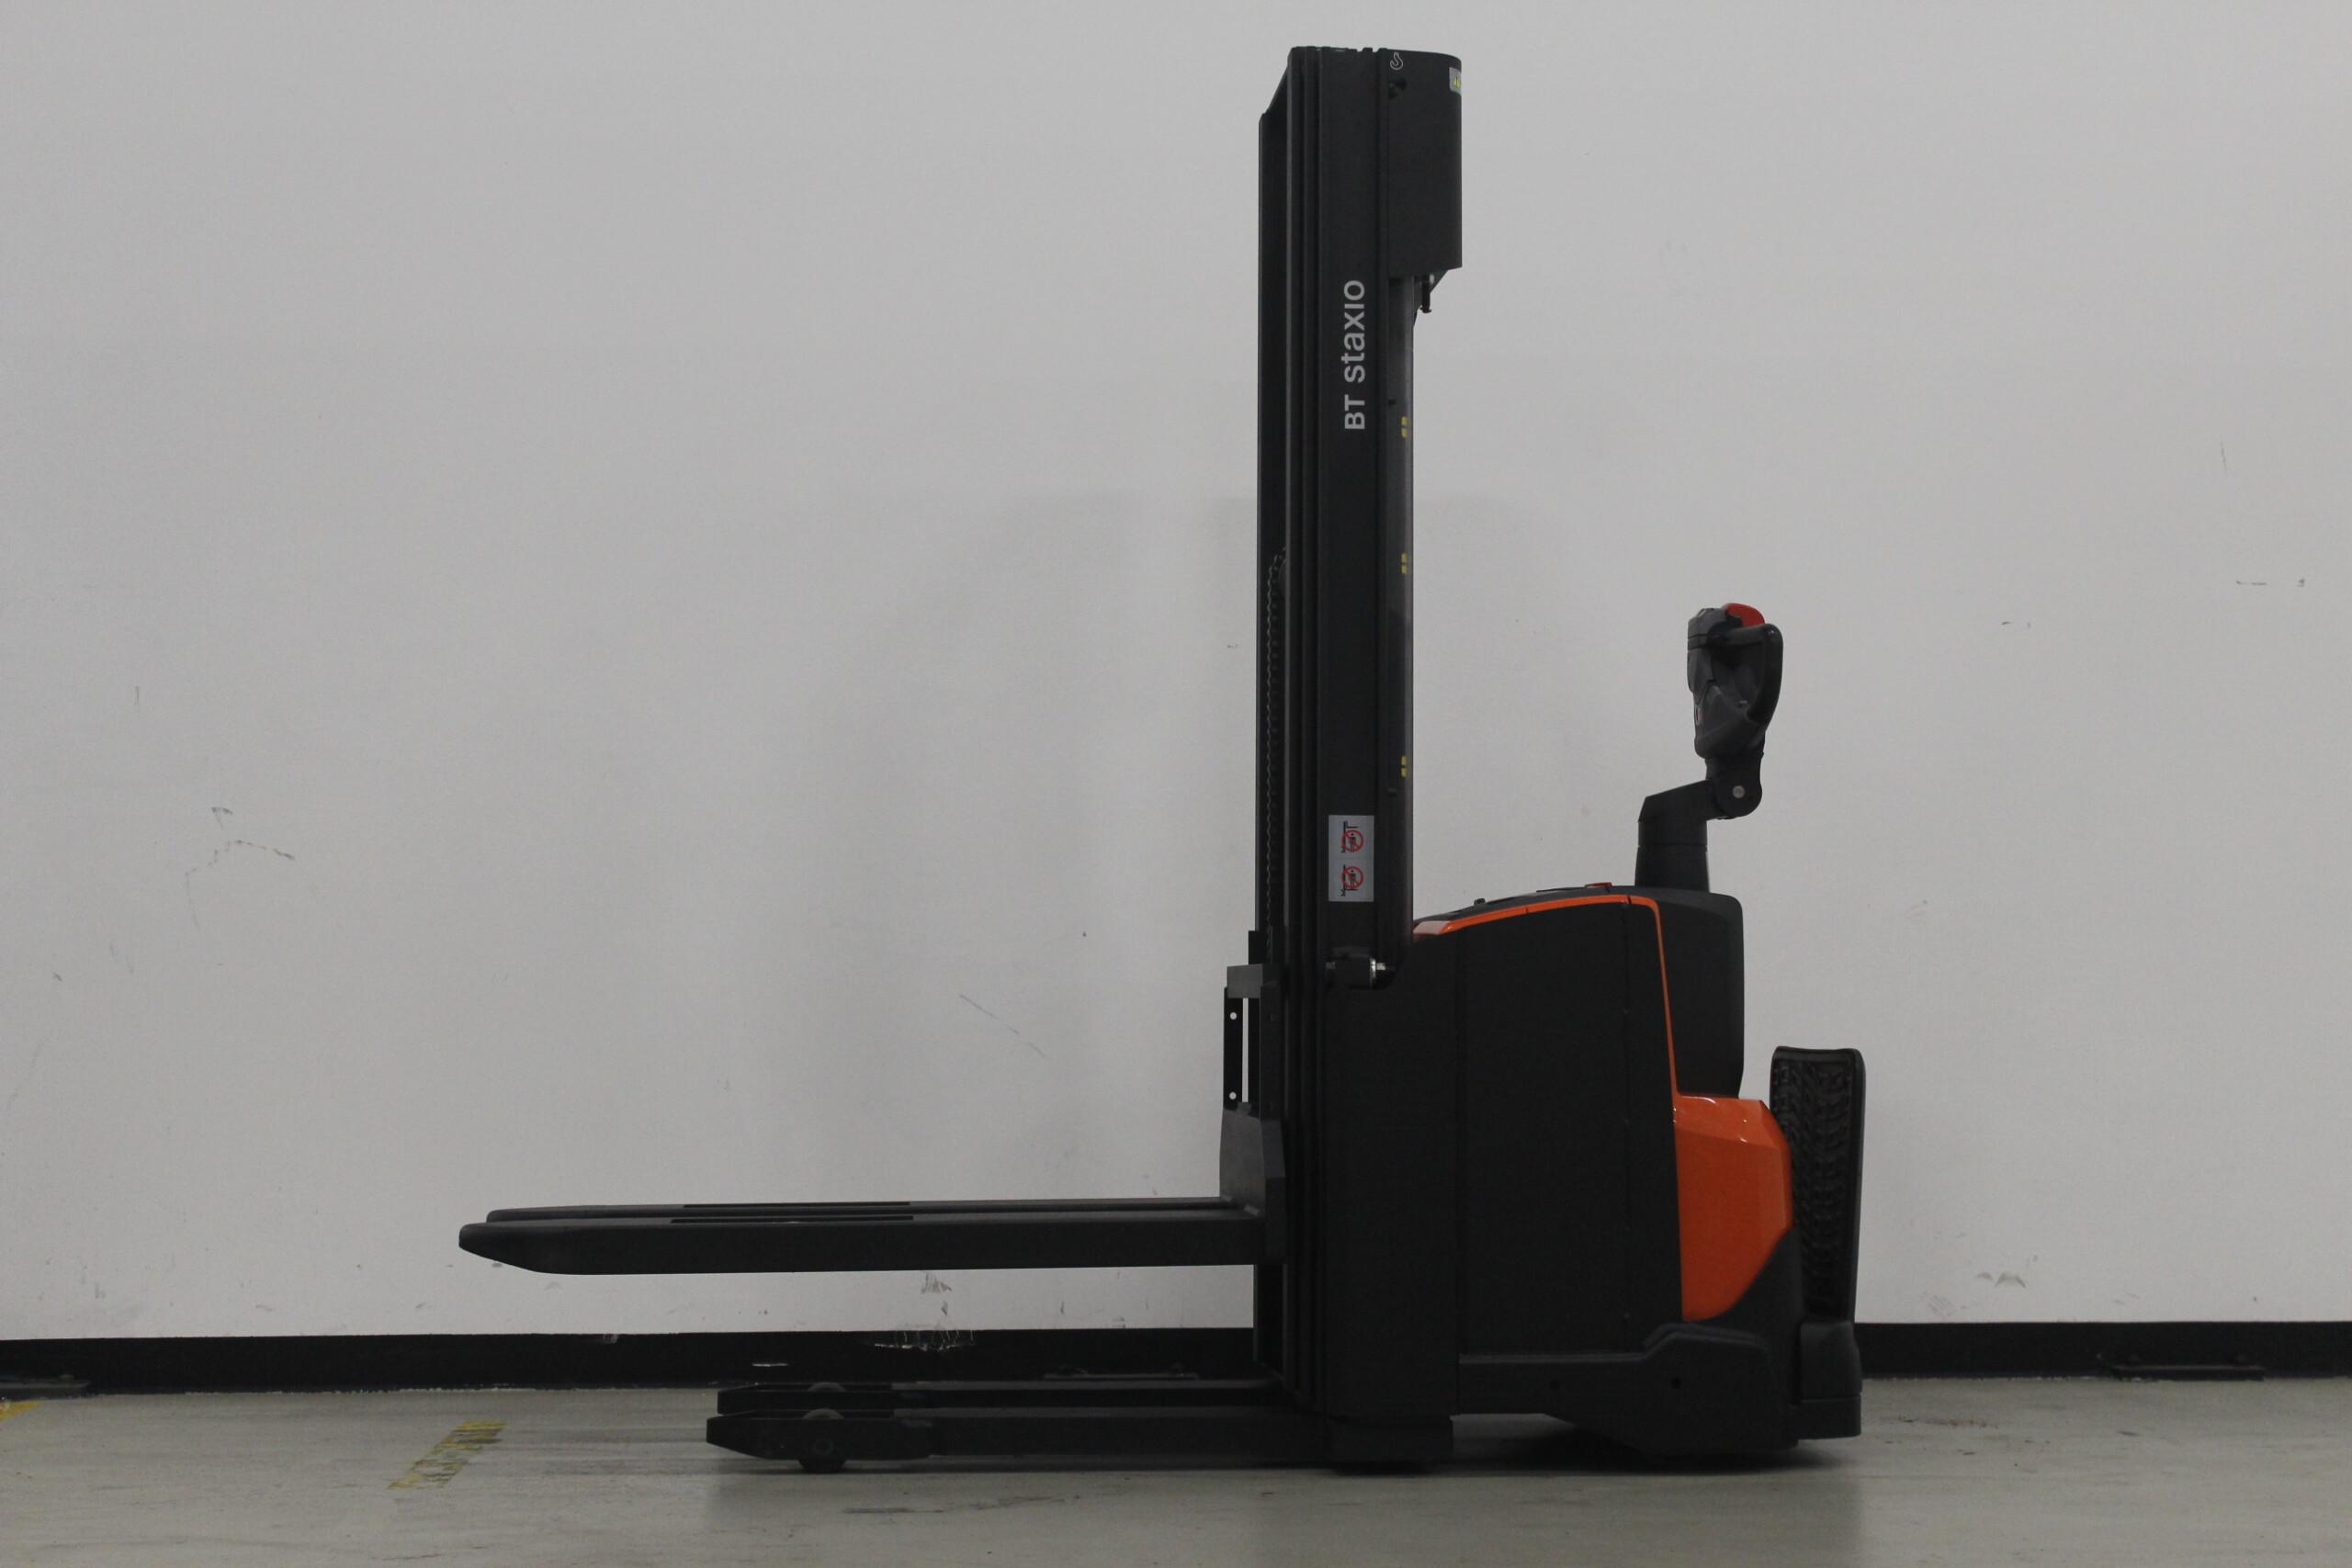 Toyota-Gabelstapler-59840 1806294000 1 26 scaled